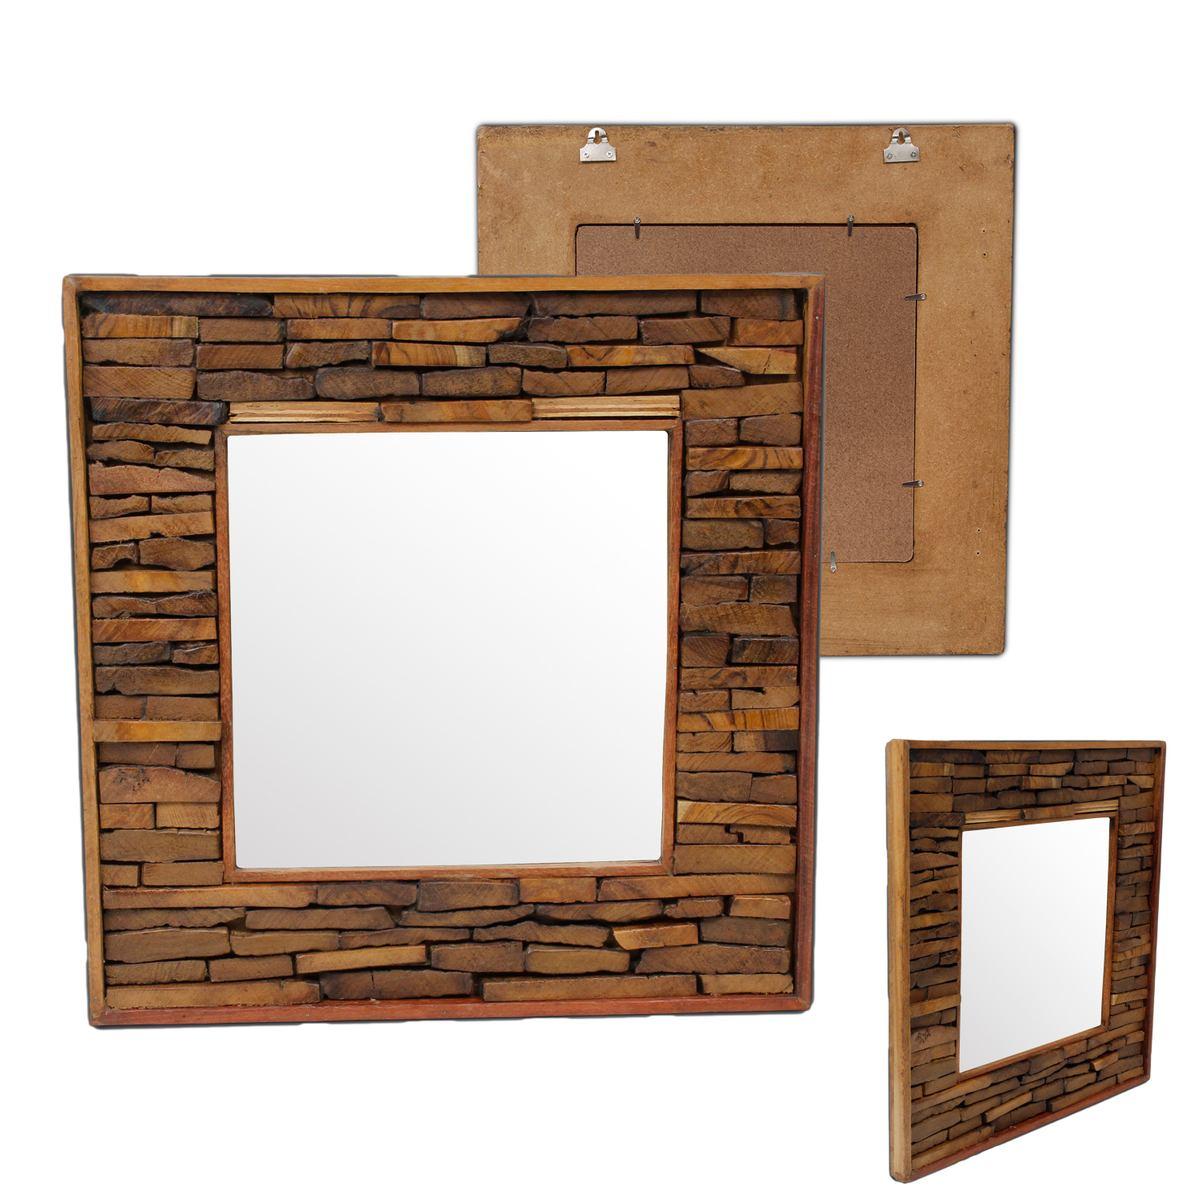 wandspiegel spiegel holzspiegel rahmen holzrahmen thailand. Black Bedroom Furniture Sets. Home Design Ideas